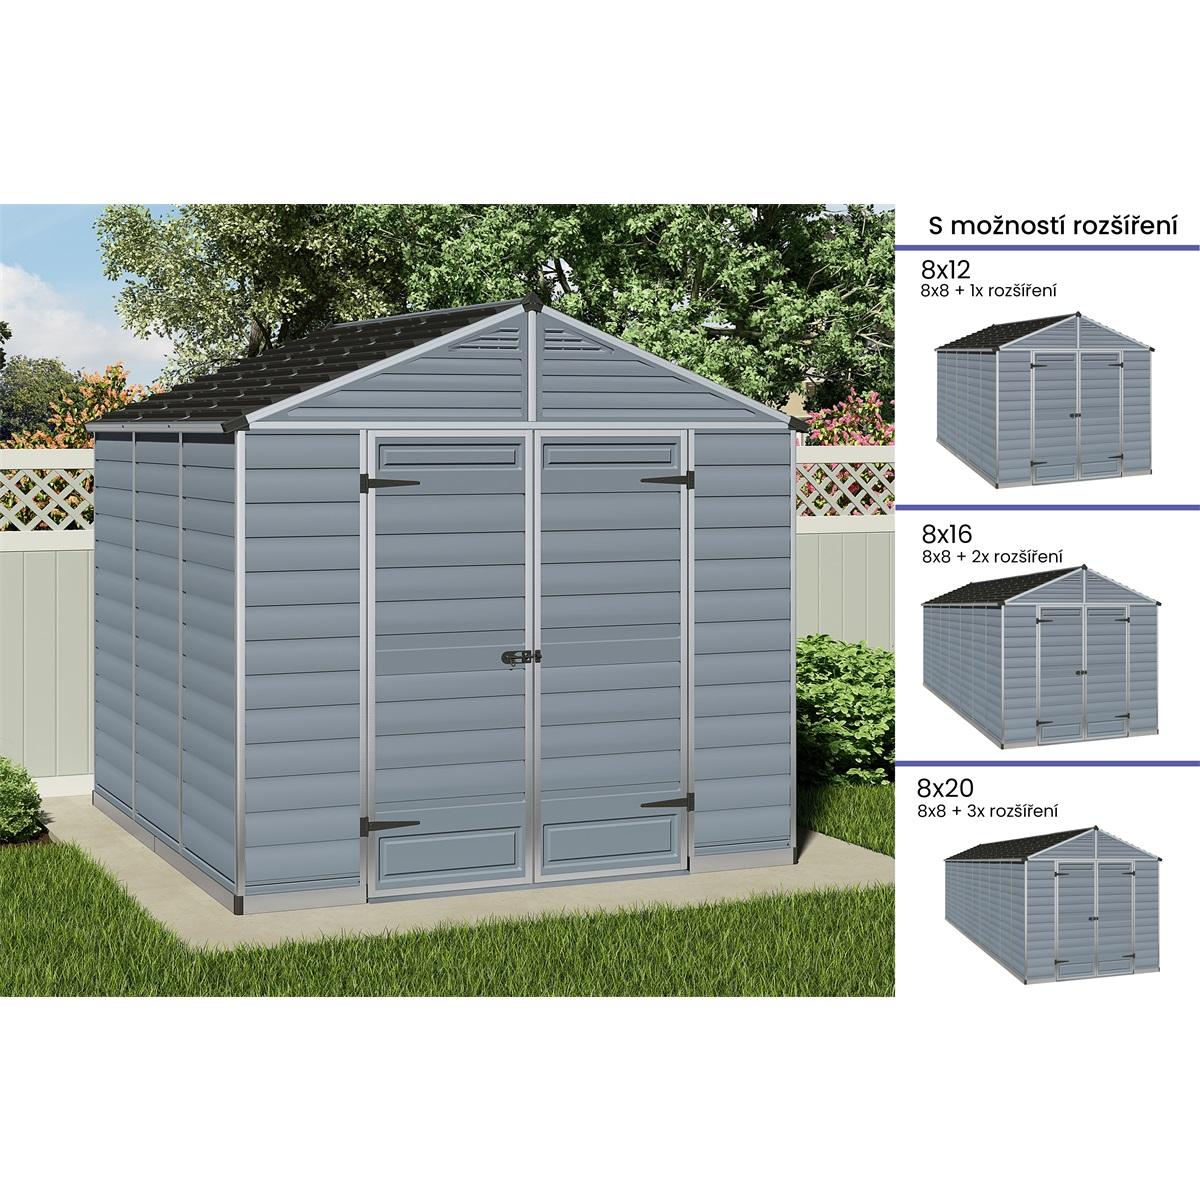 Palram Skylight 8x8 šedý, záhradný domček